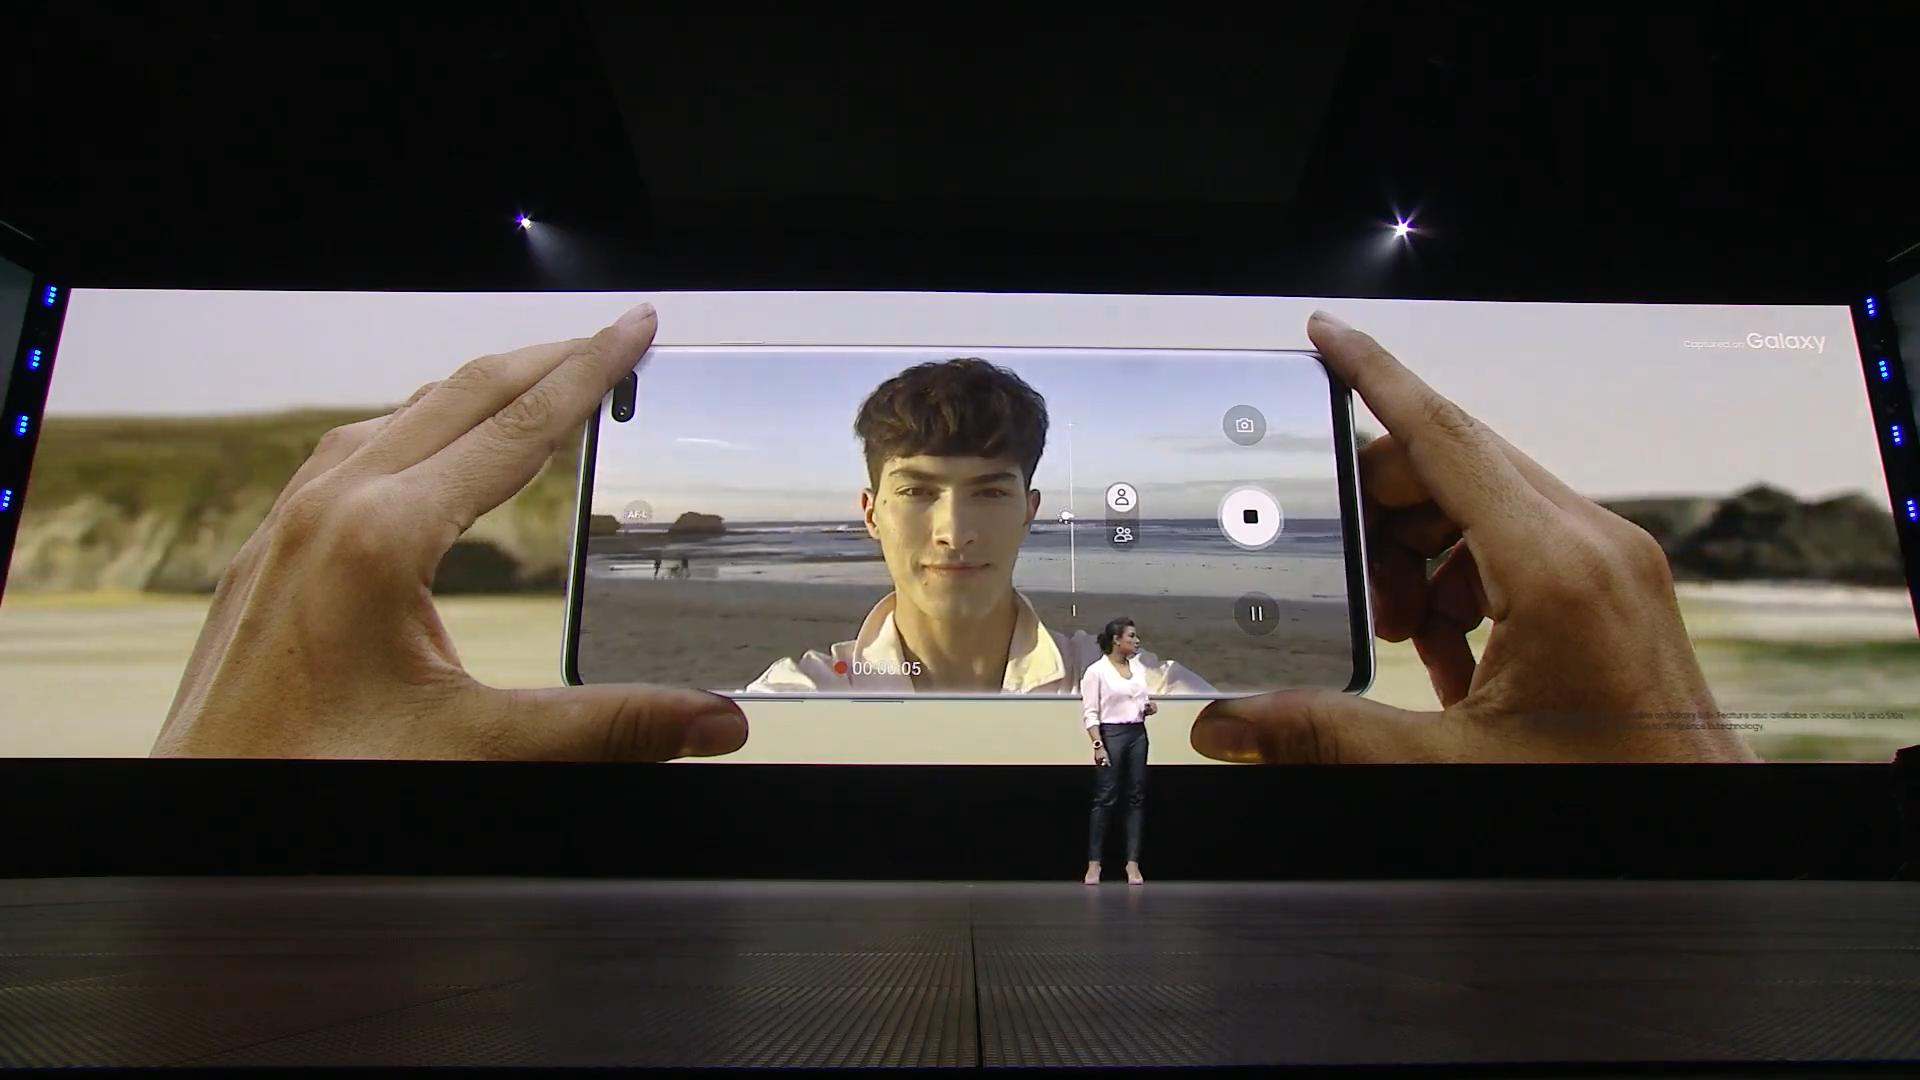 Samsung Galaxy S10e S10 S10+ cijena specifikacije predstavljanje - Slika 7